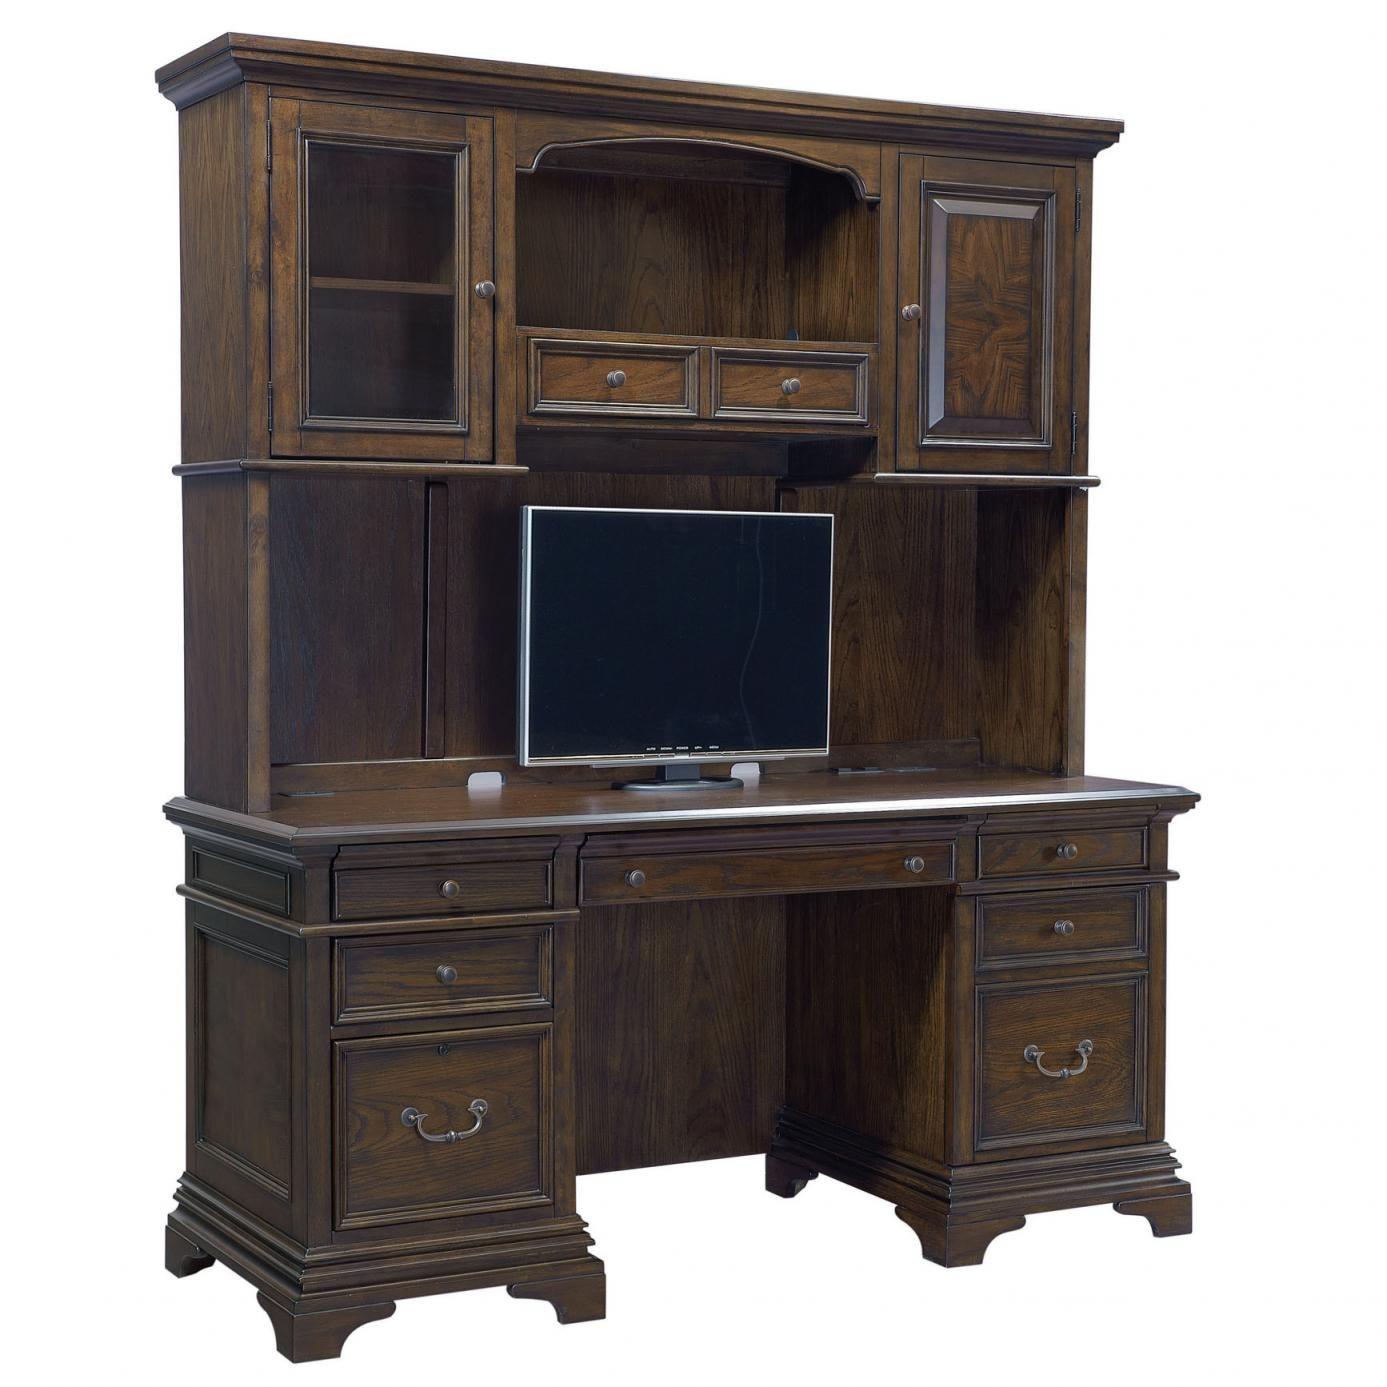 aspenhome essex 66 inch credenza desk with hutch furniture home rh pinterest com